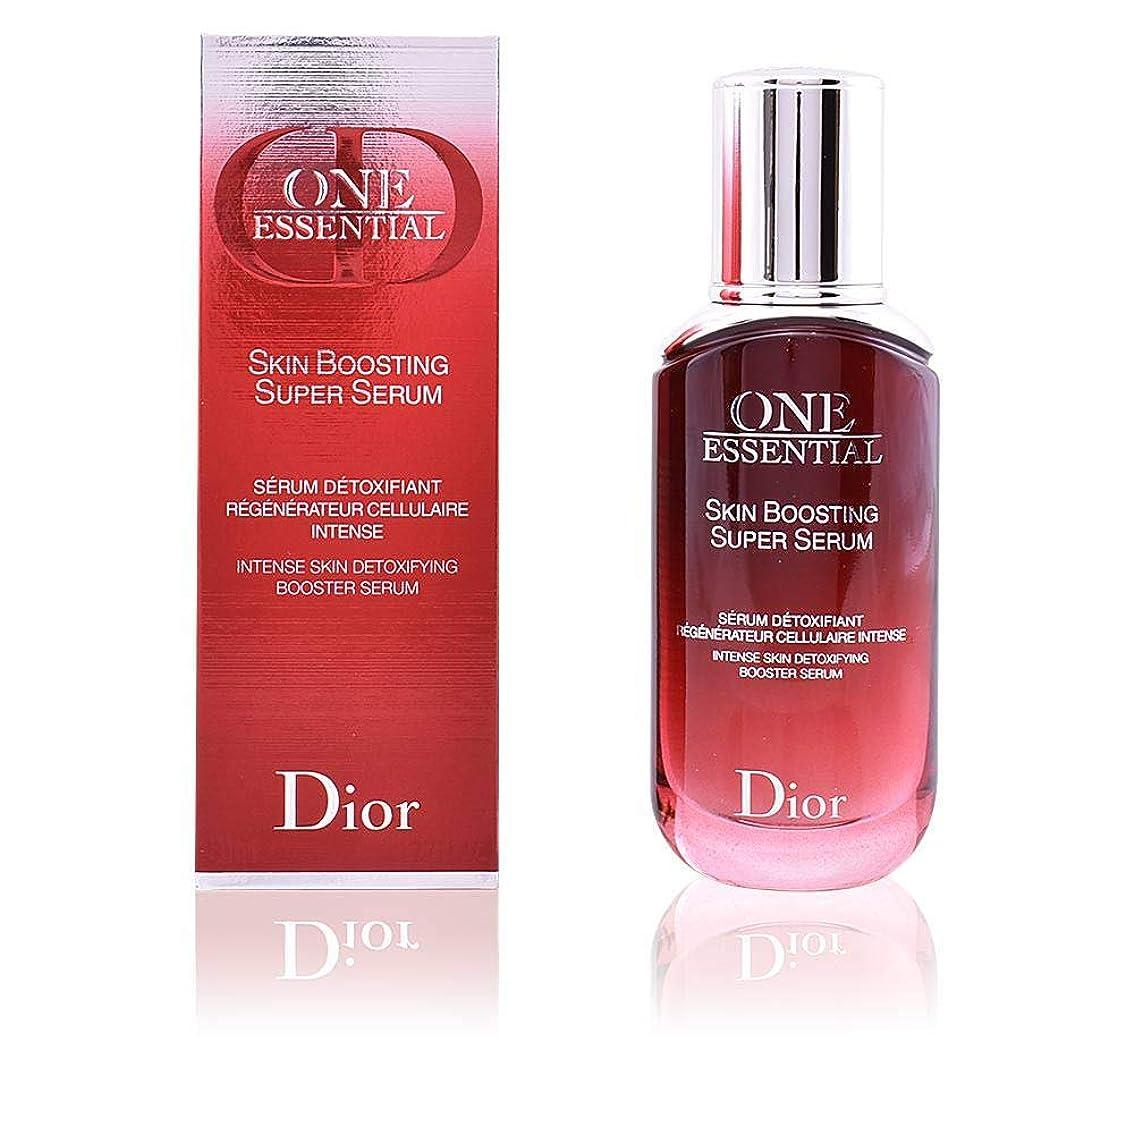 証言するゴミただクリスチャンディオール One Essential Skin Boosting Super Serum 50ml/1.7oz並行輸入品